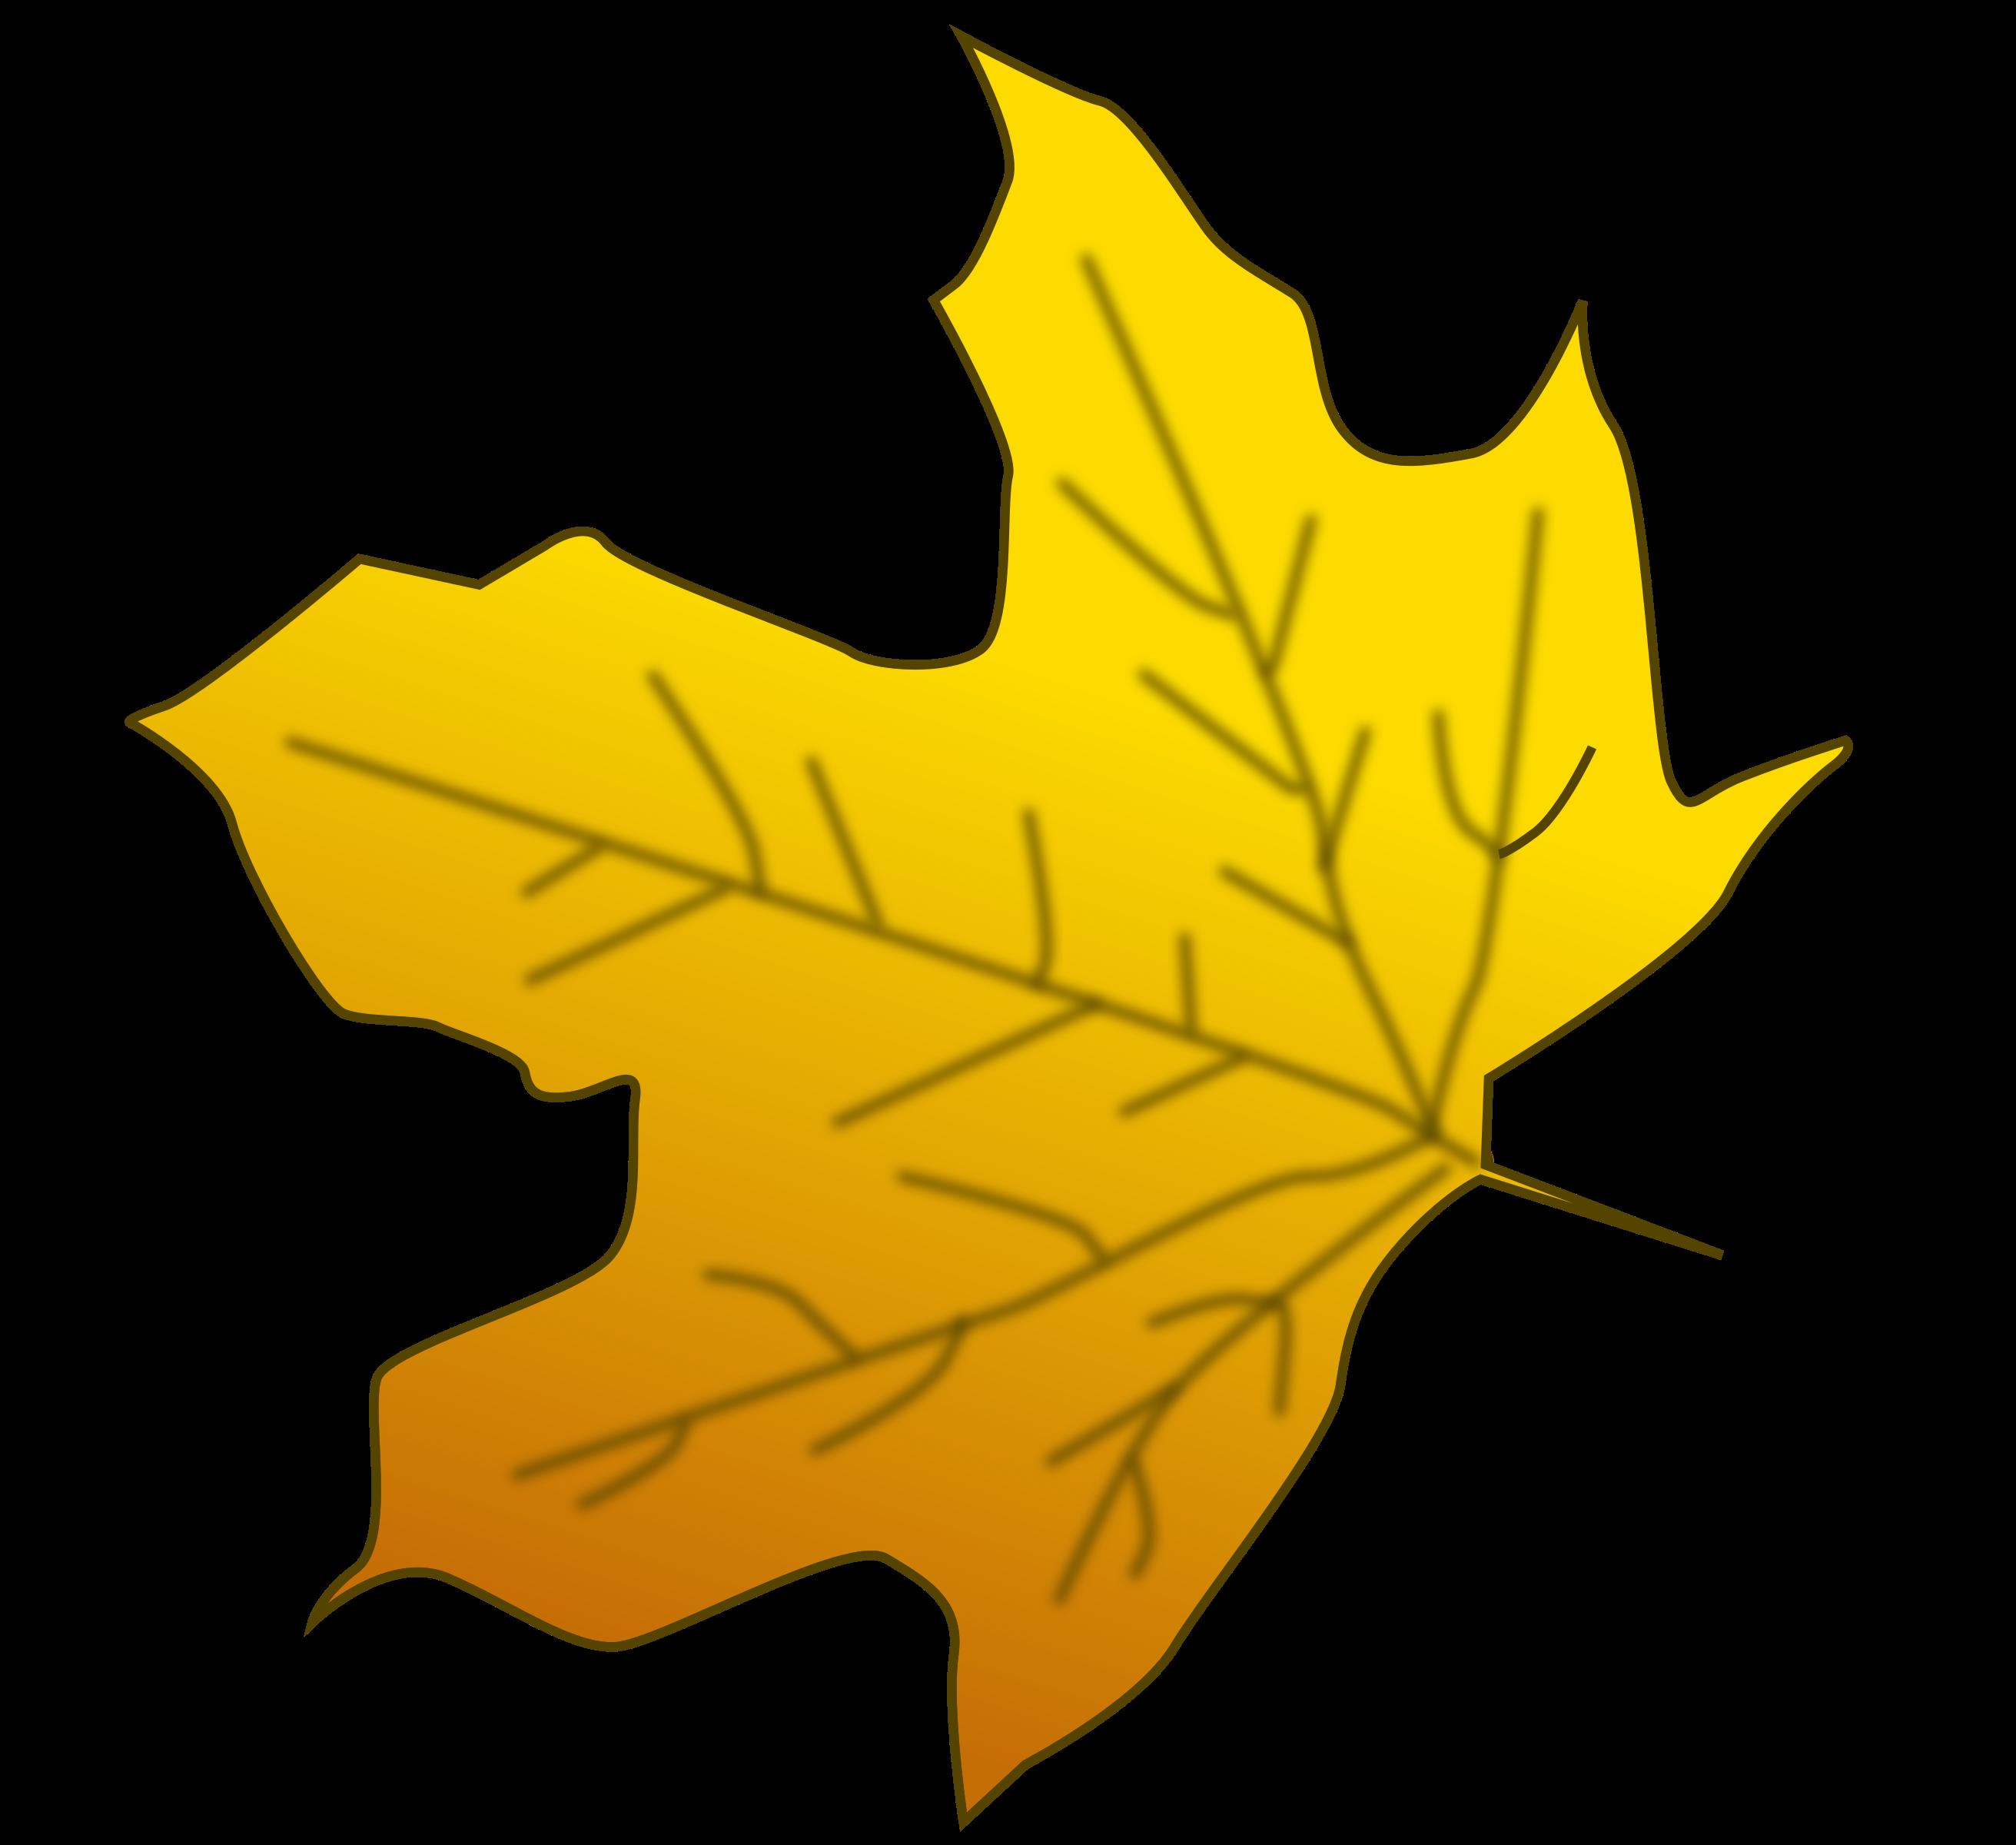 Leaves large leave